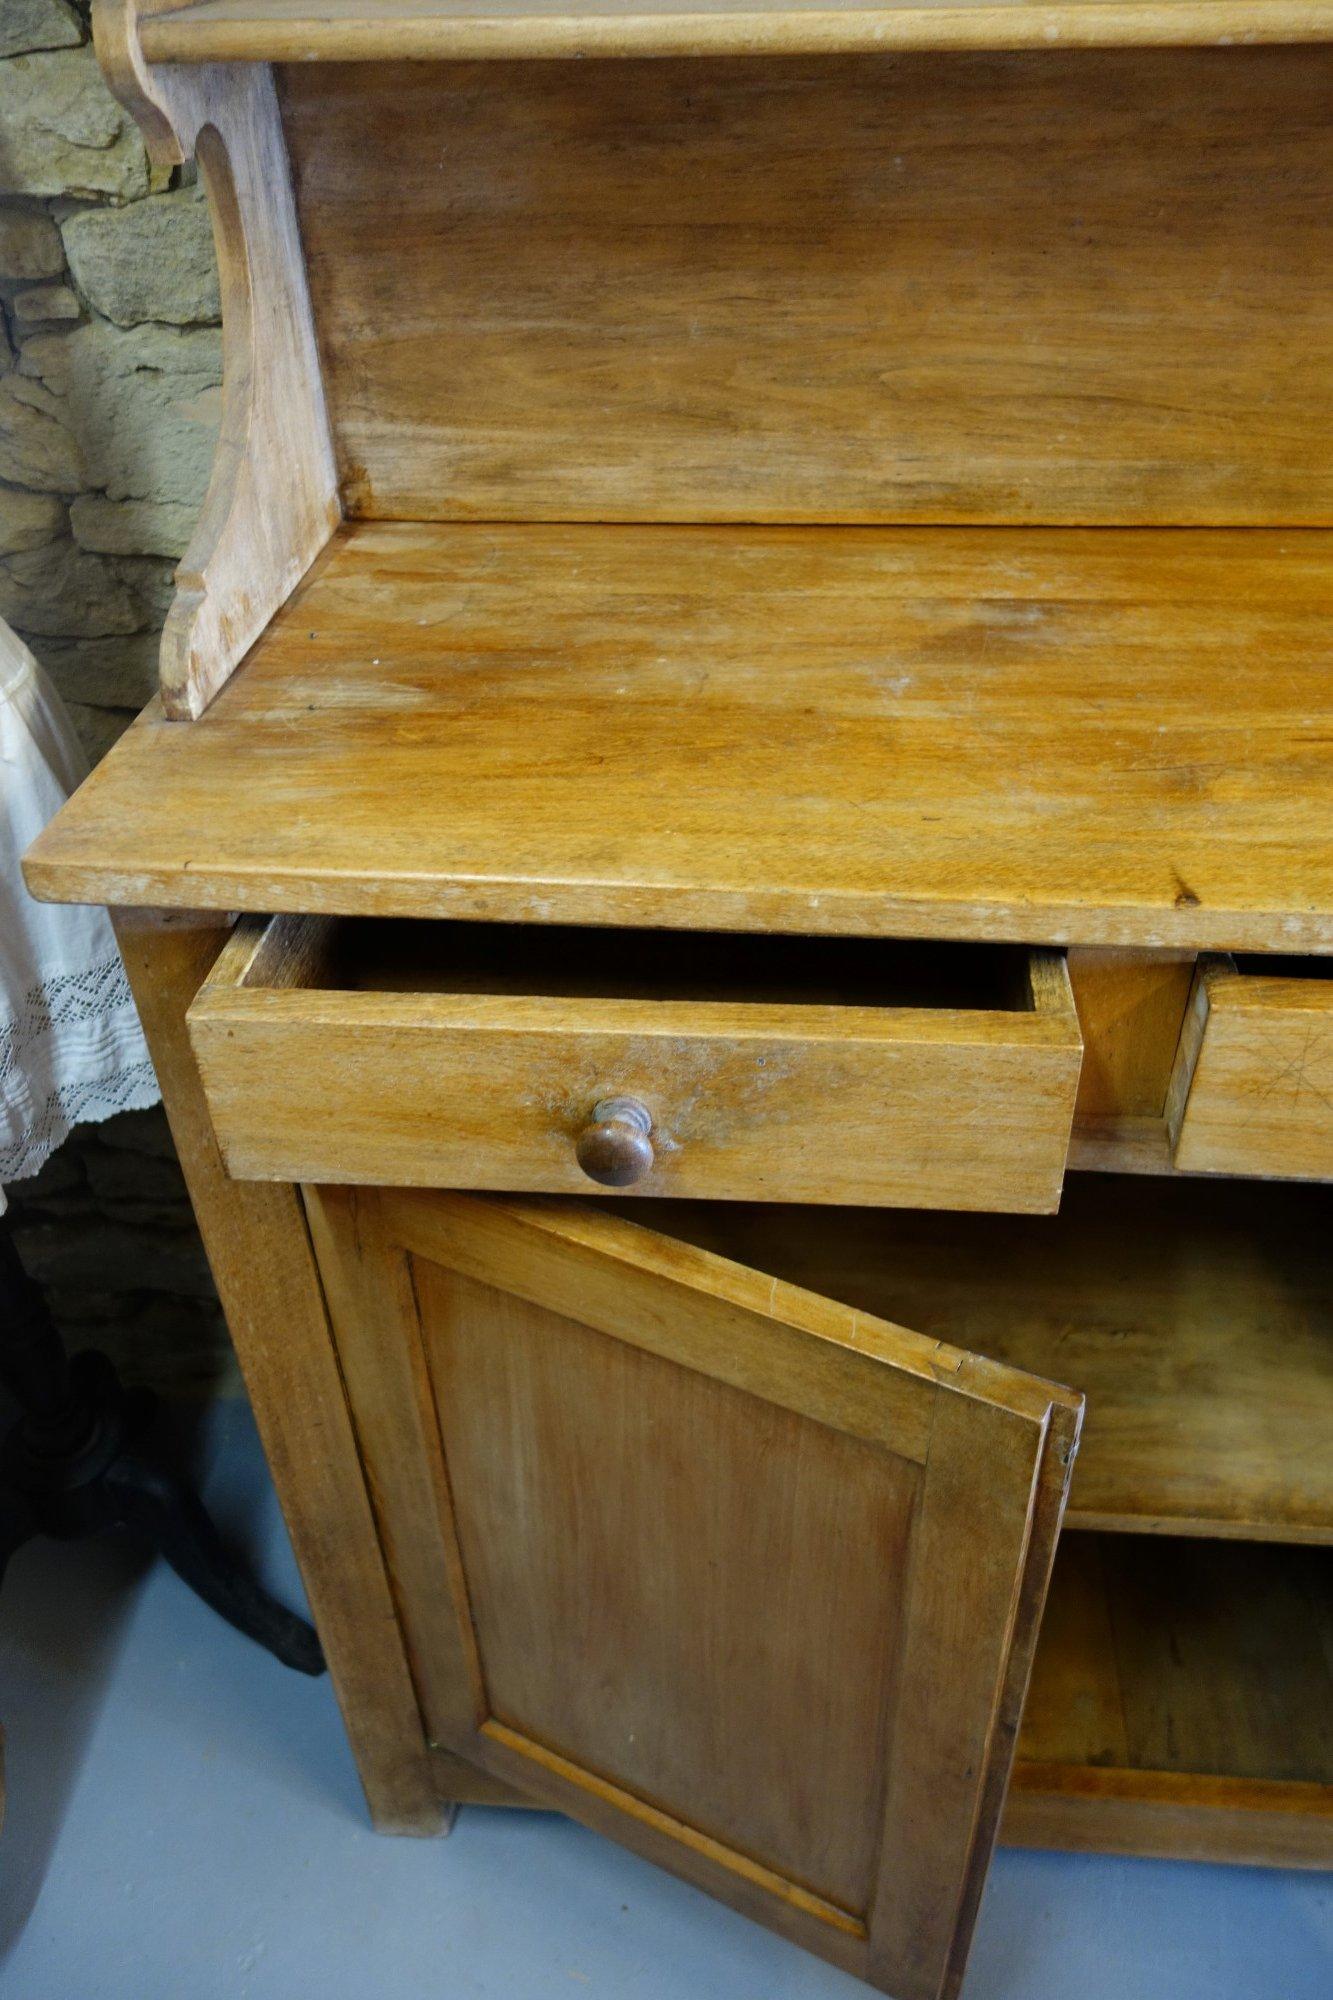 Le Vaisselier en ce qui concerne le vaisselier rétro - objet lontan